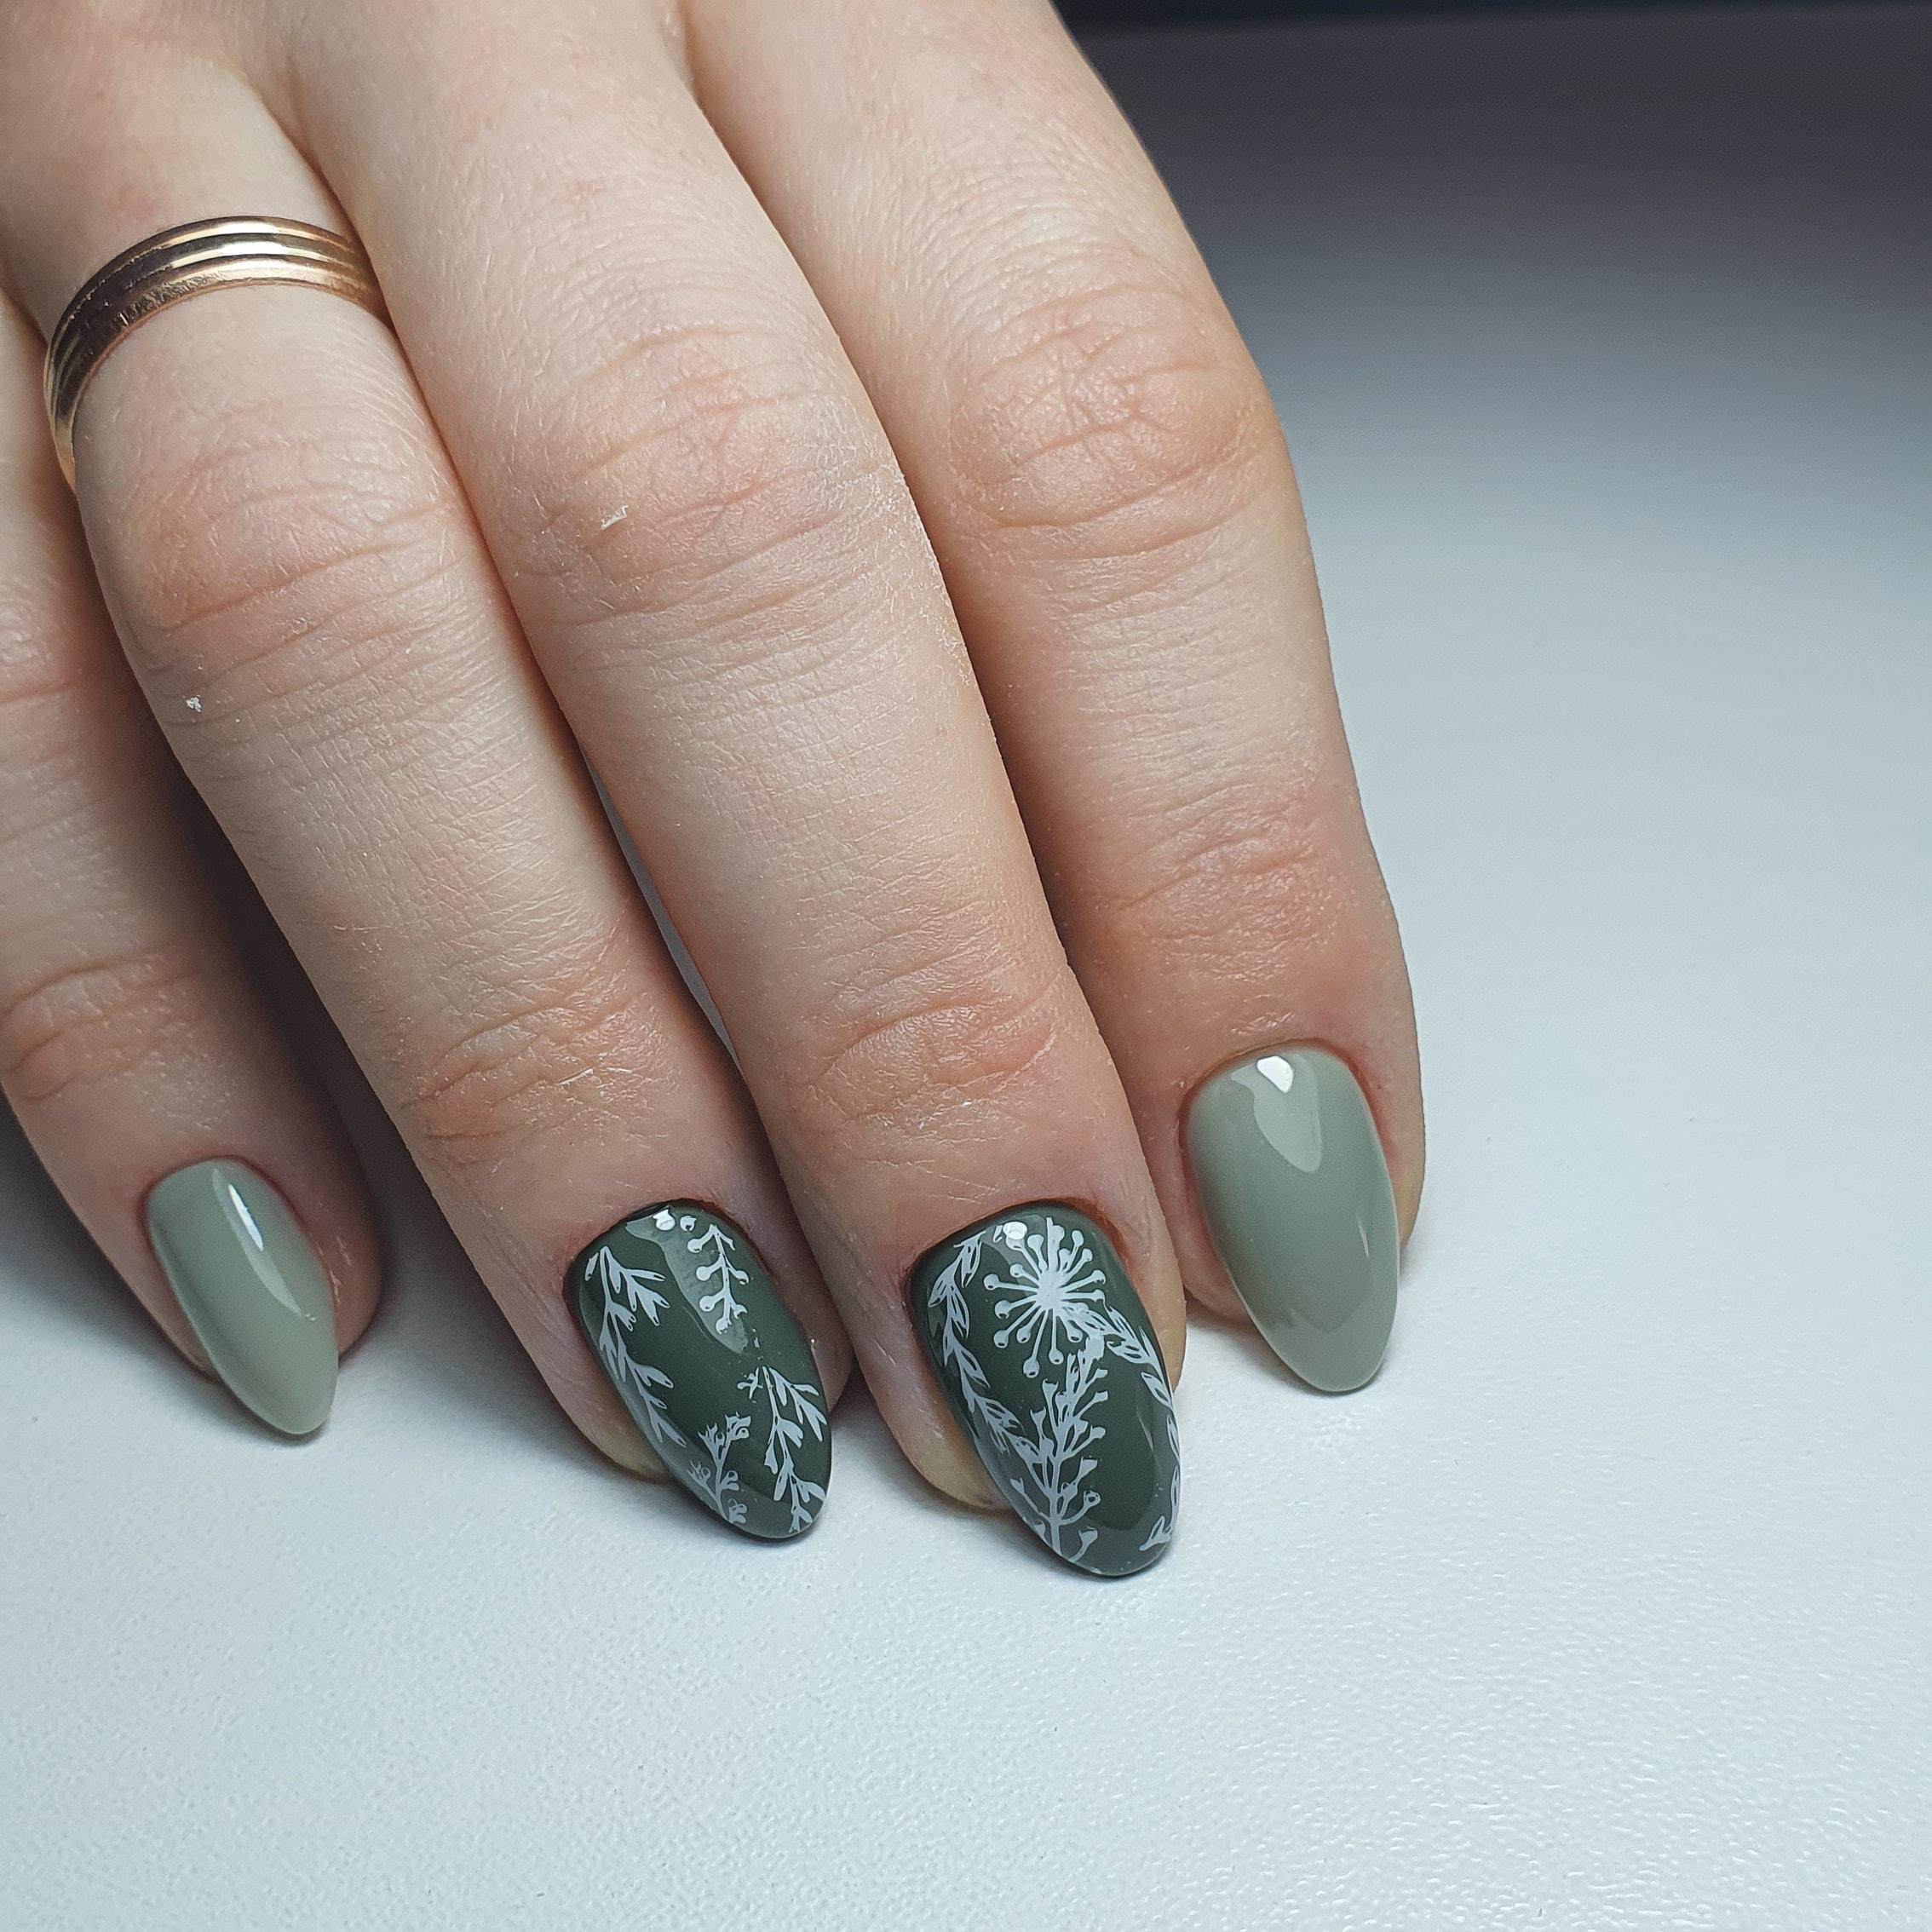 Маникюр с растительным слайдерами в оливковом цвете на короткие ногти.